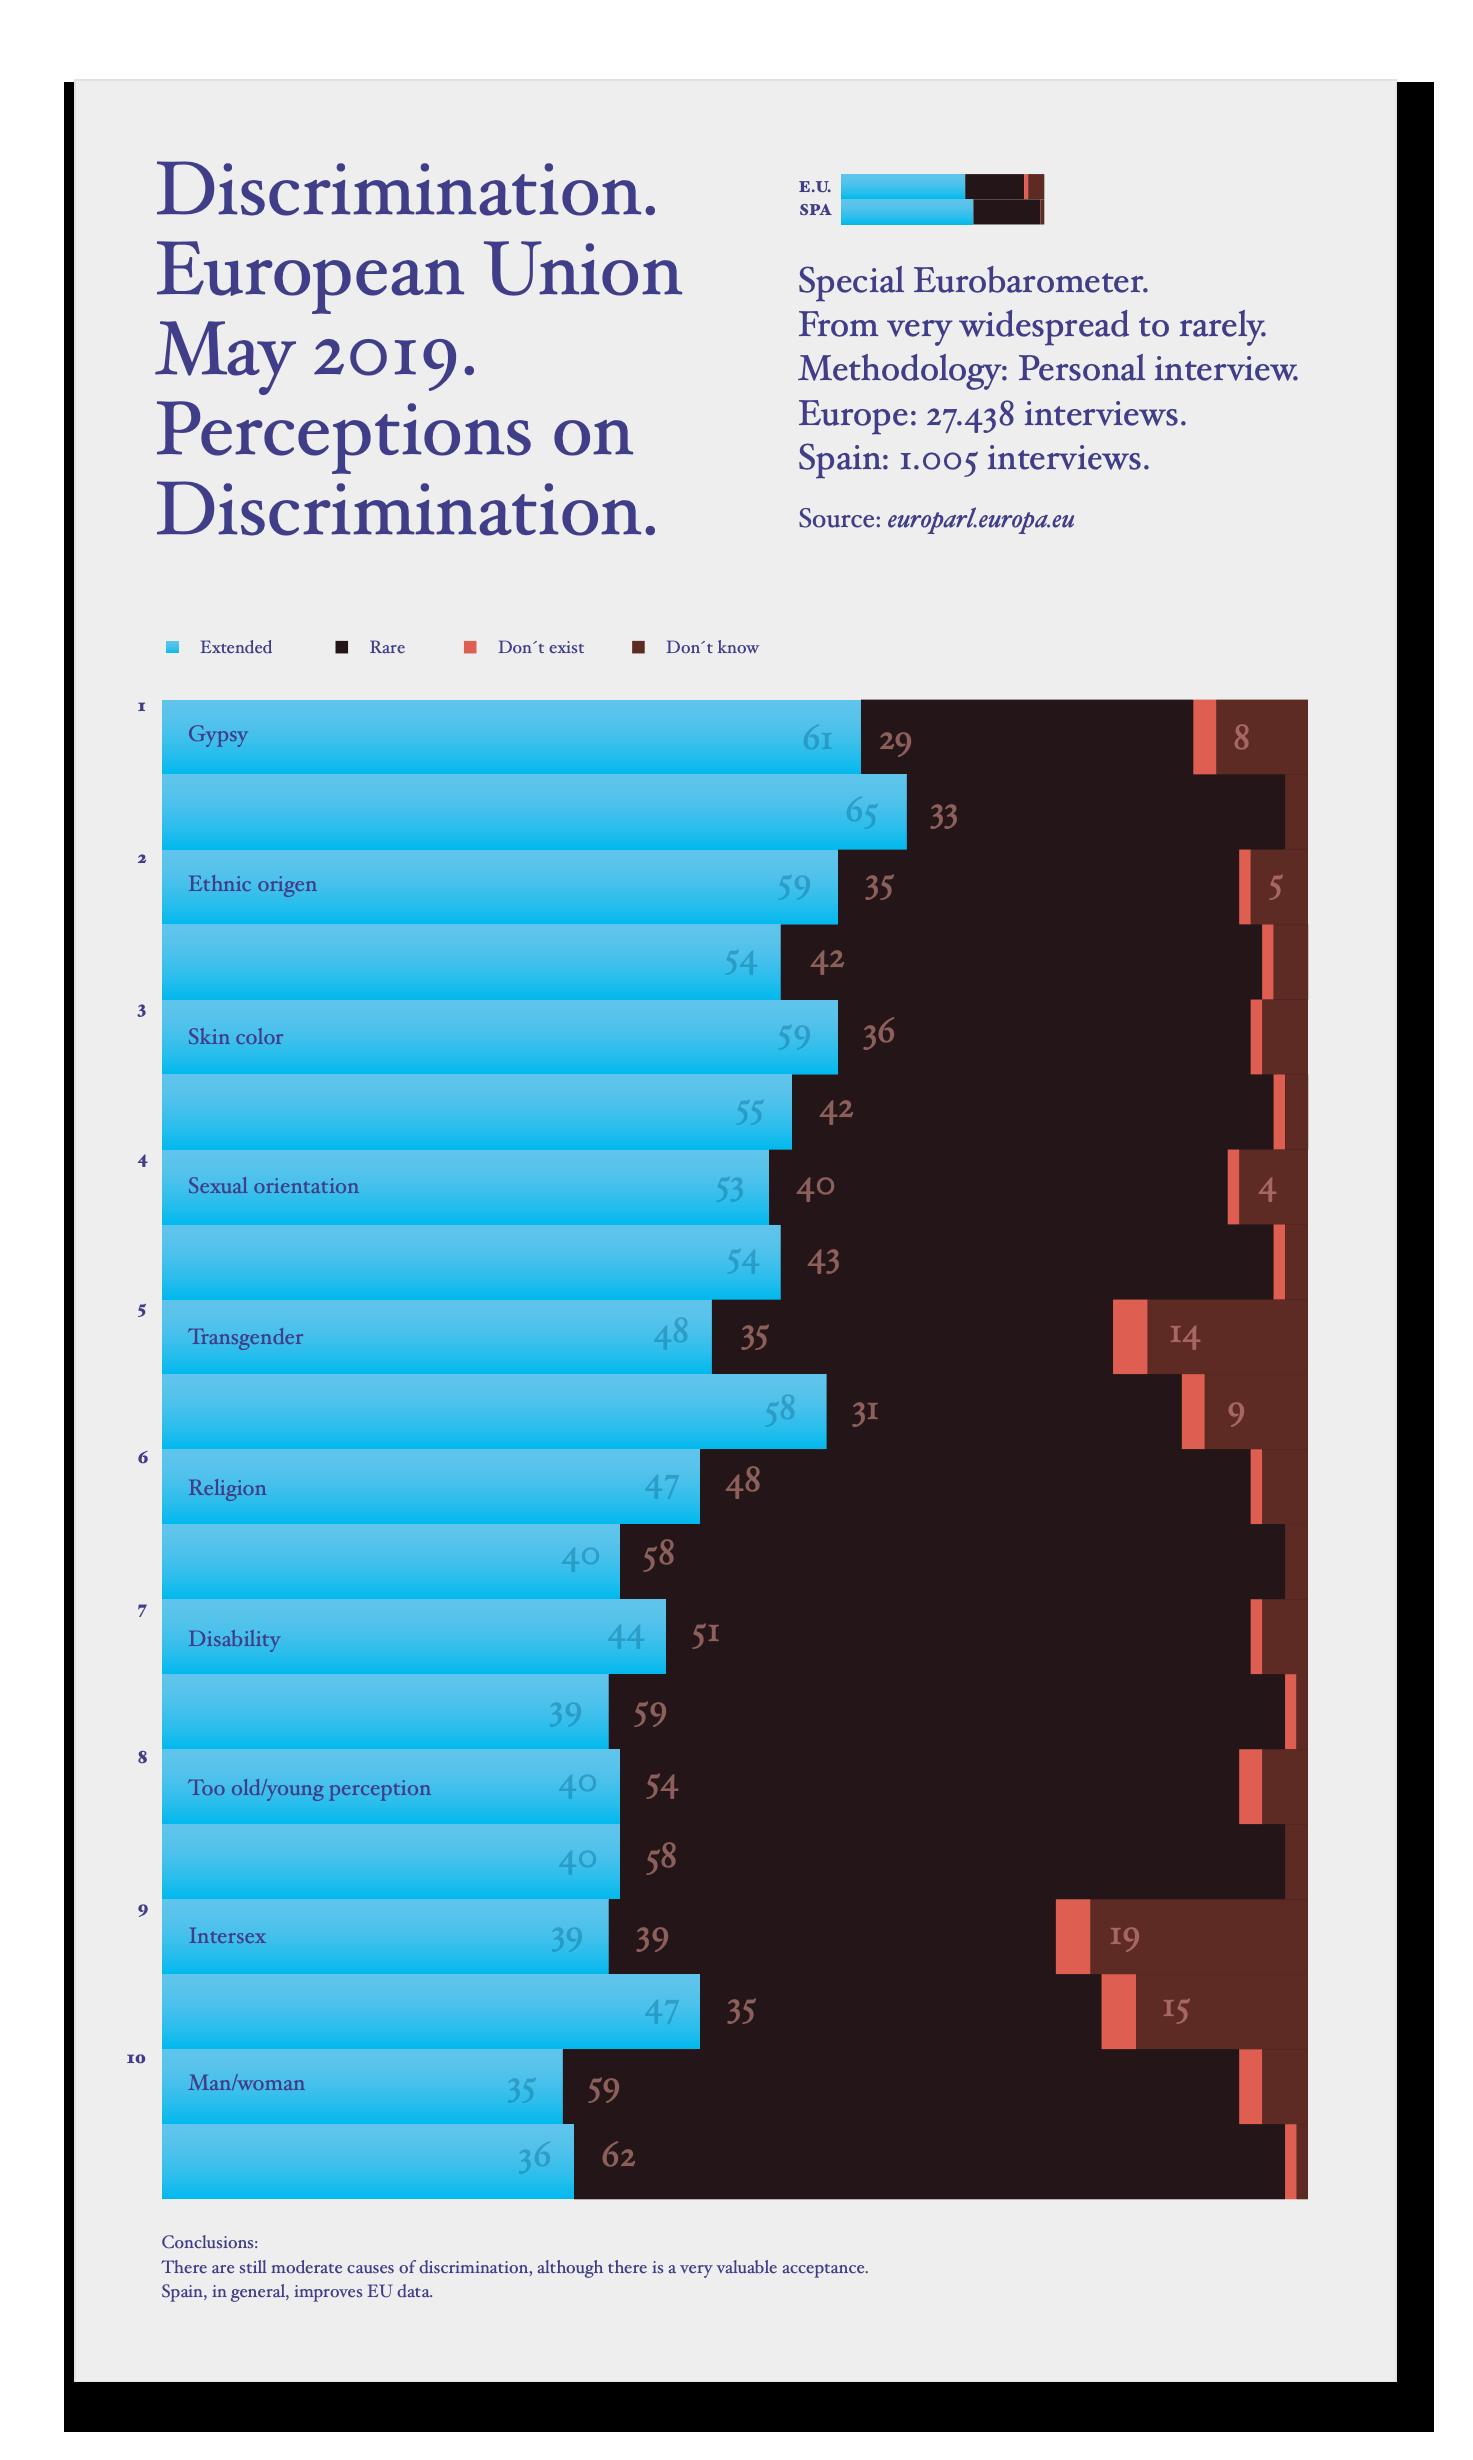 discrimination_005